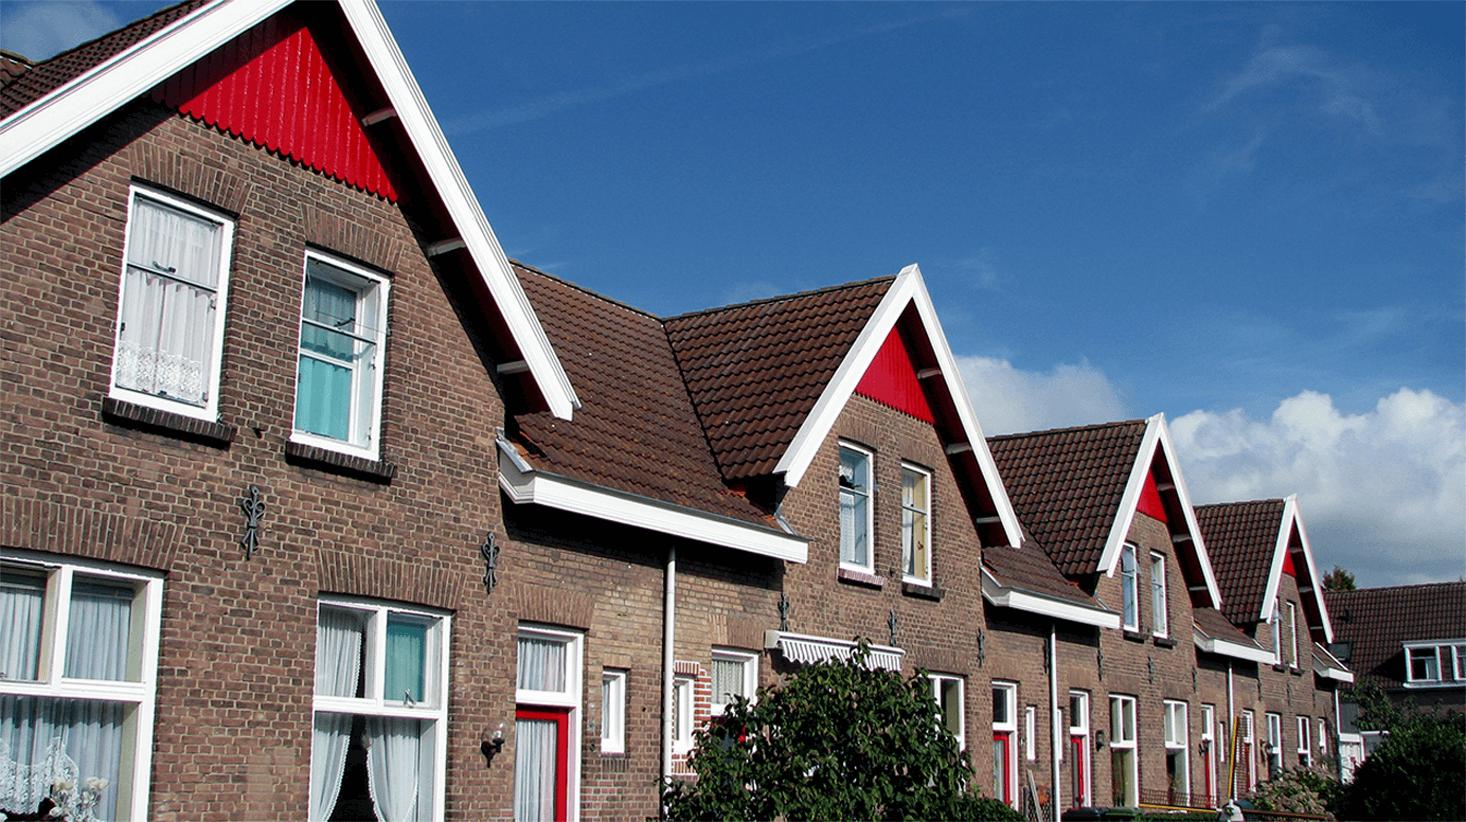 Huis verkopen aan opkoper verstandig?